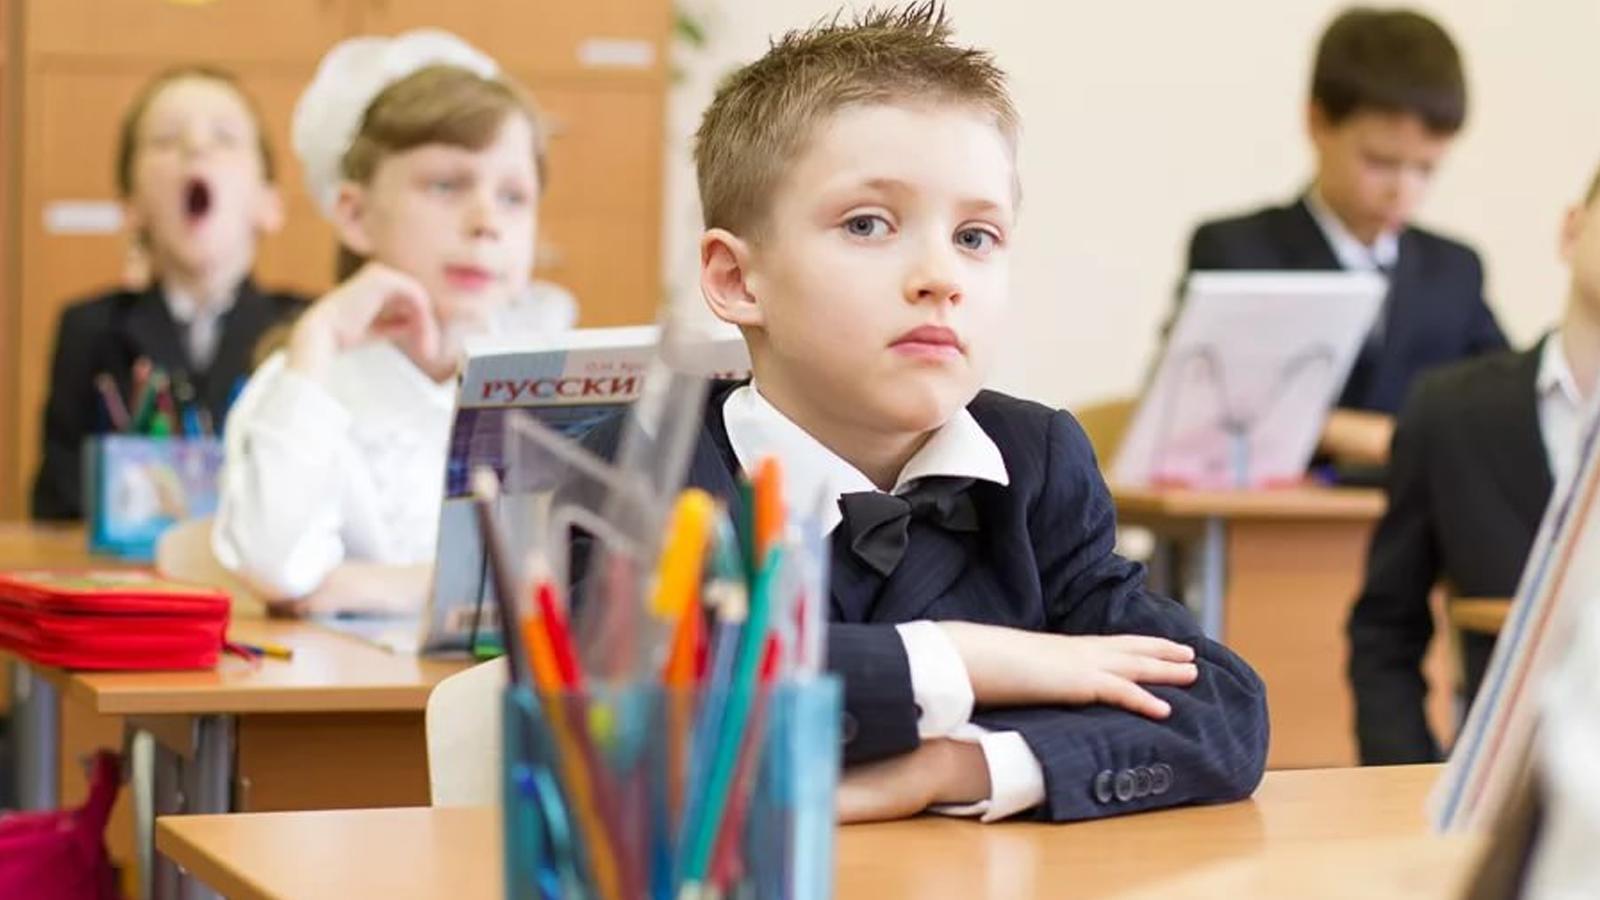 7-8 класс дети в школе фото